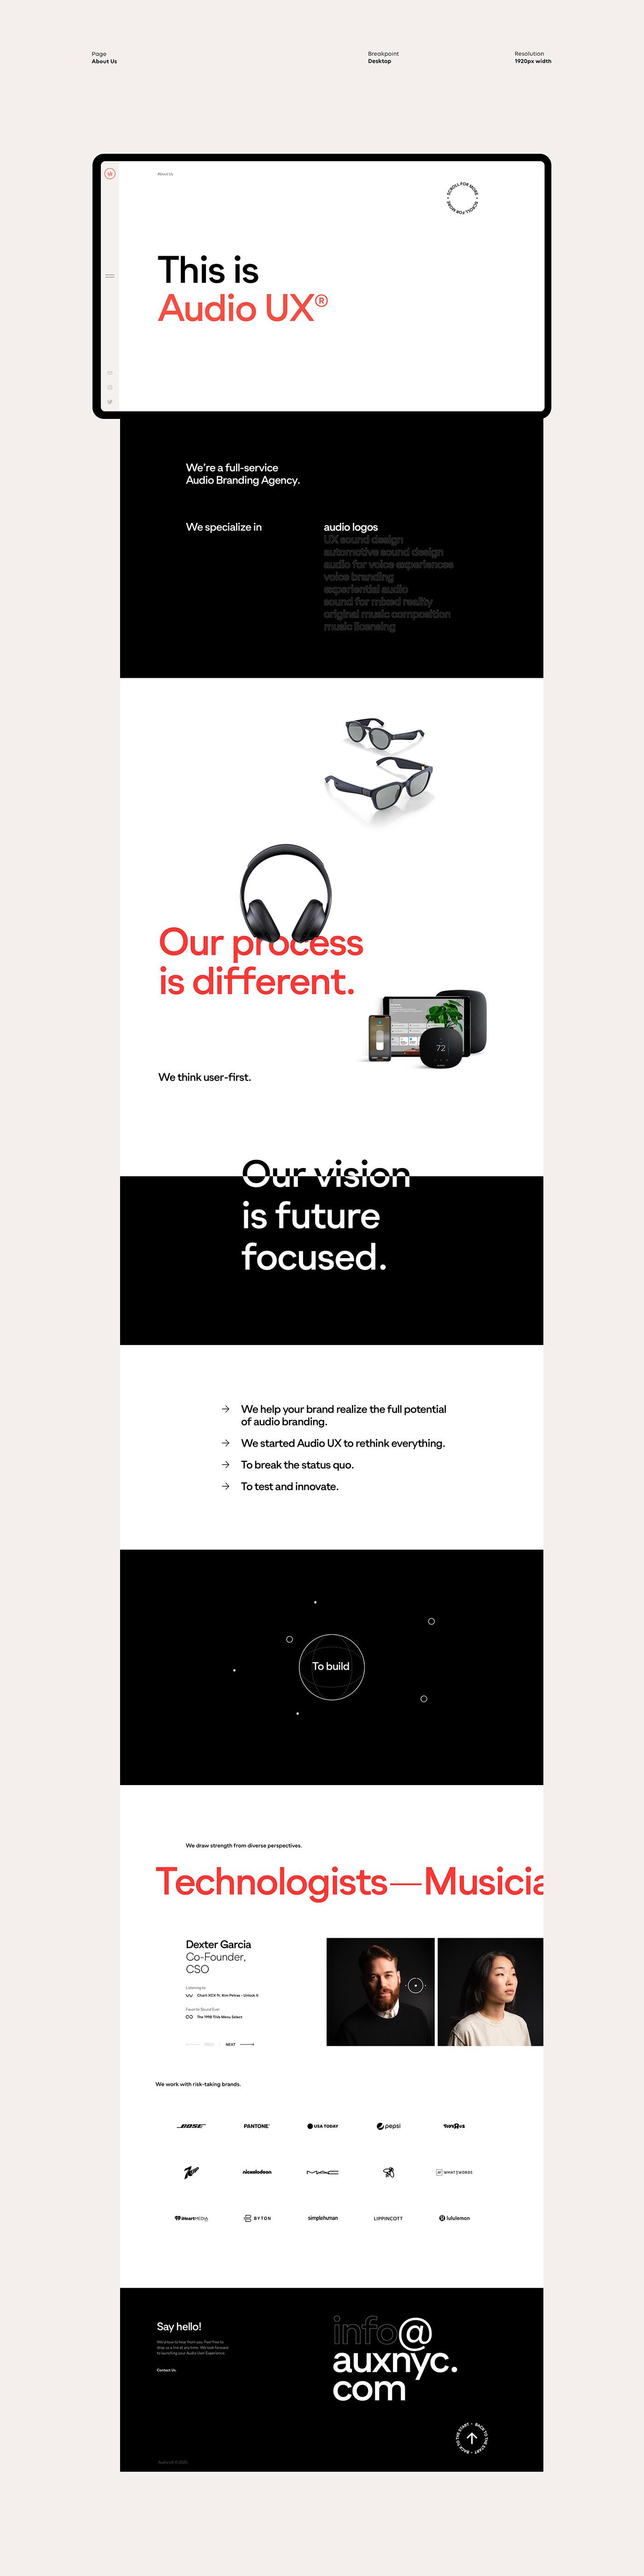 Audio audio ux auxnyc Experience Responsive studio UI/UX uiux Webdesign Website